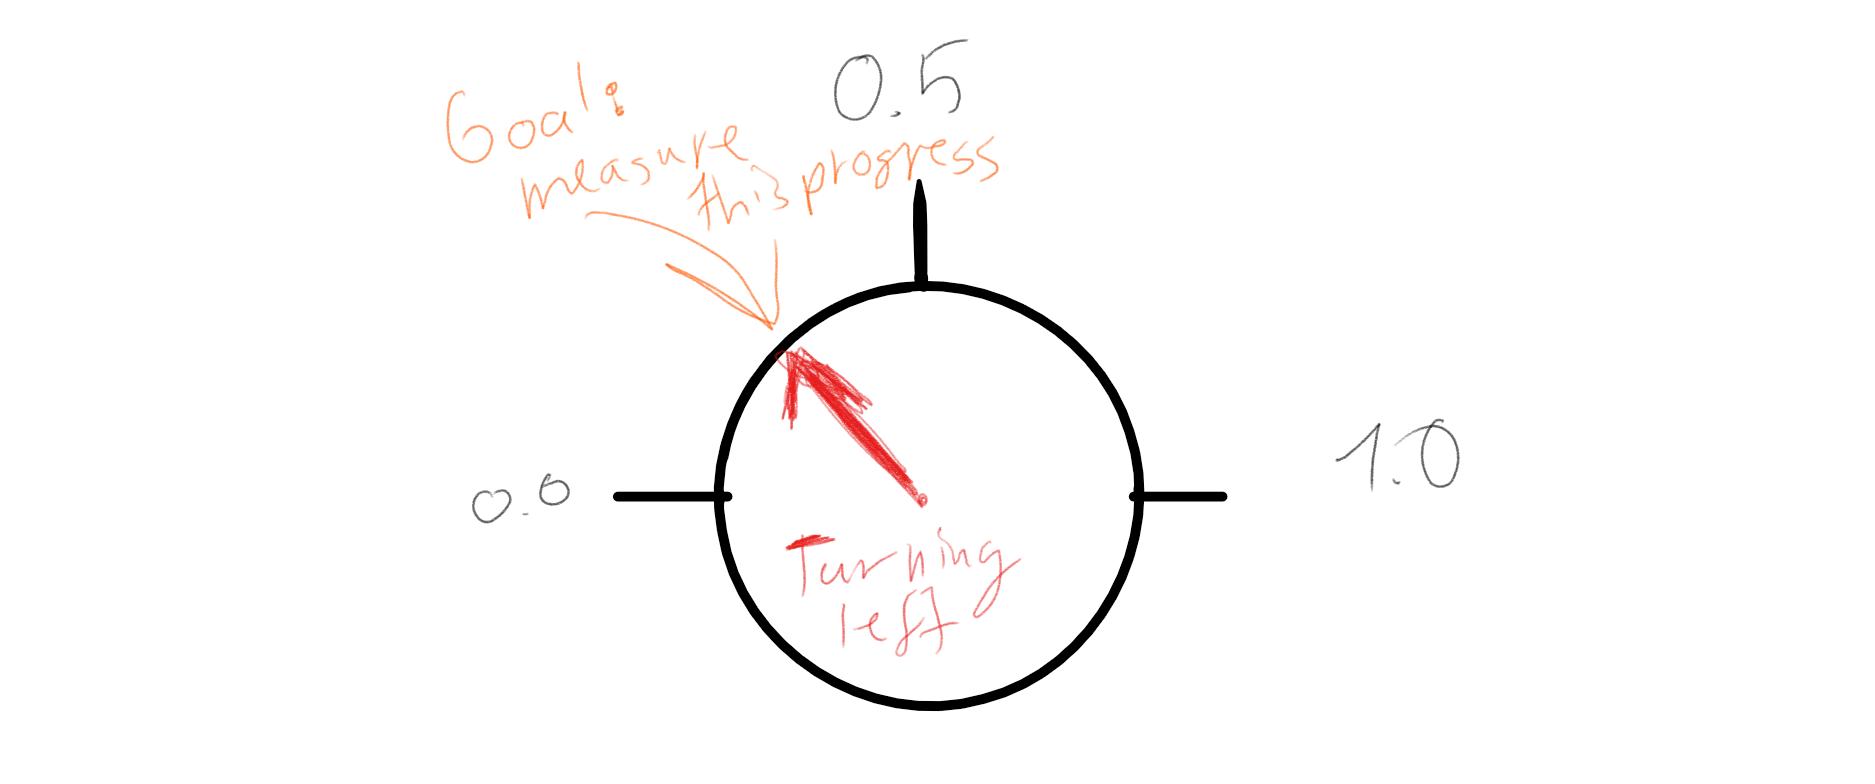 Goal of the RFR Progress detection